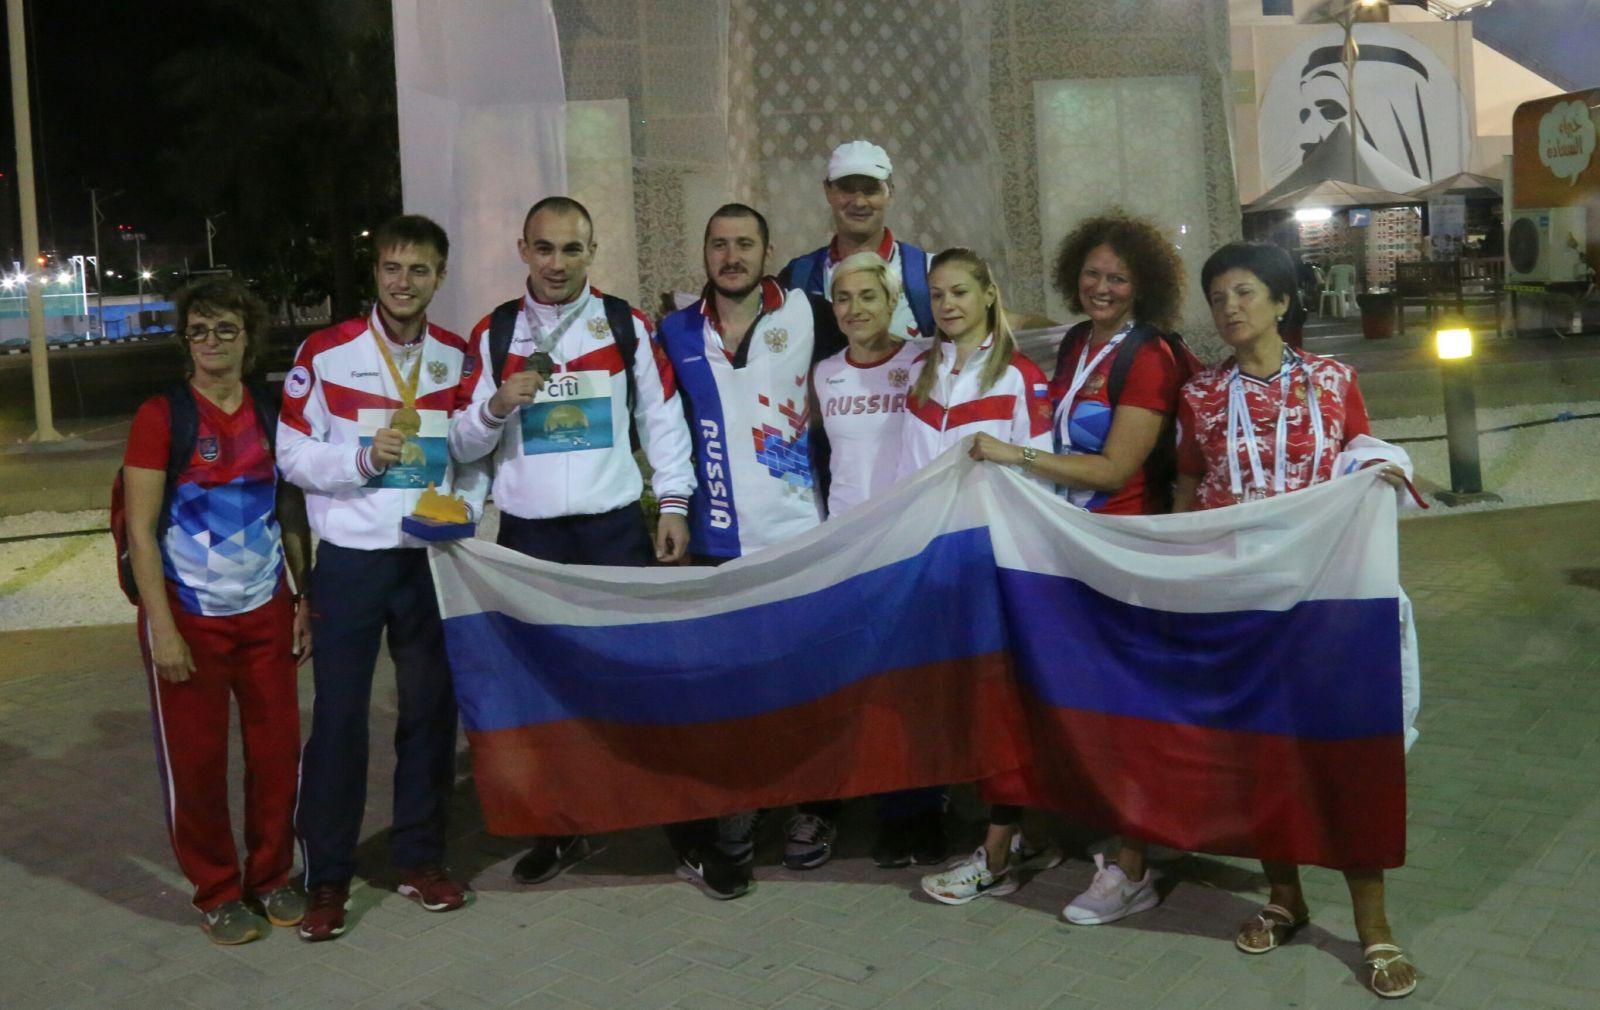 Маргарита Гончарова и Андрей Вдовин завоевали золотые медали в 5 день чемпионата мира по легкой атлетике МПК в Дубае